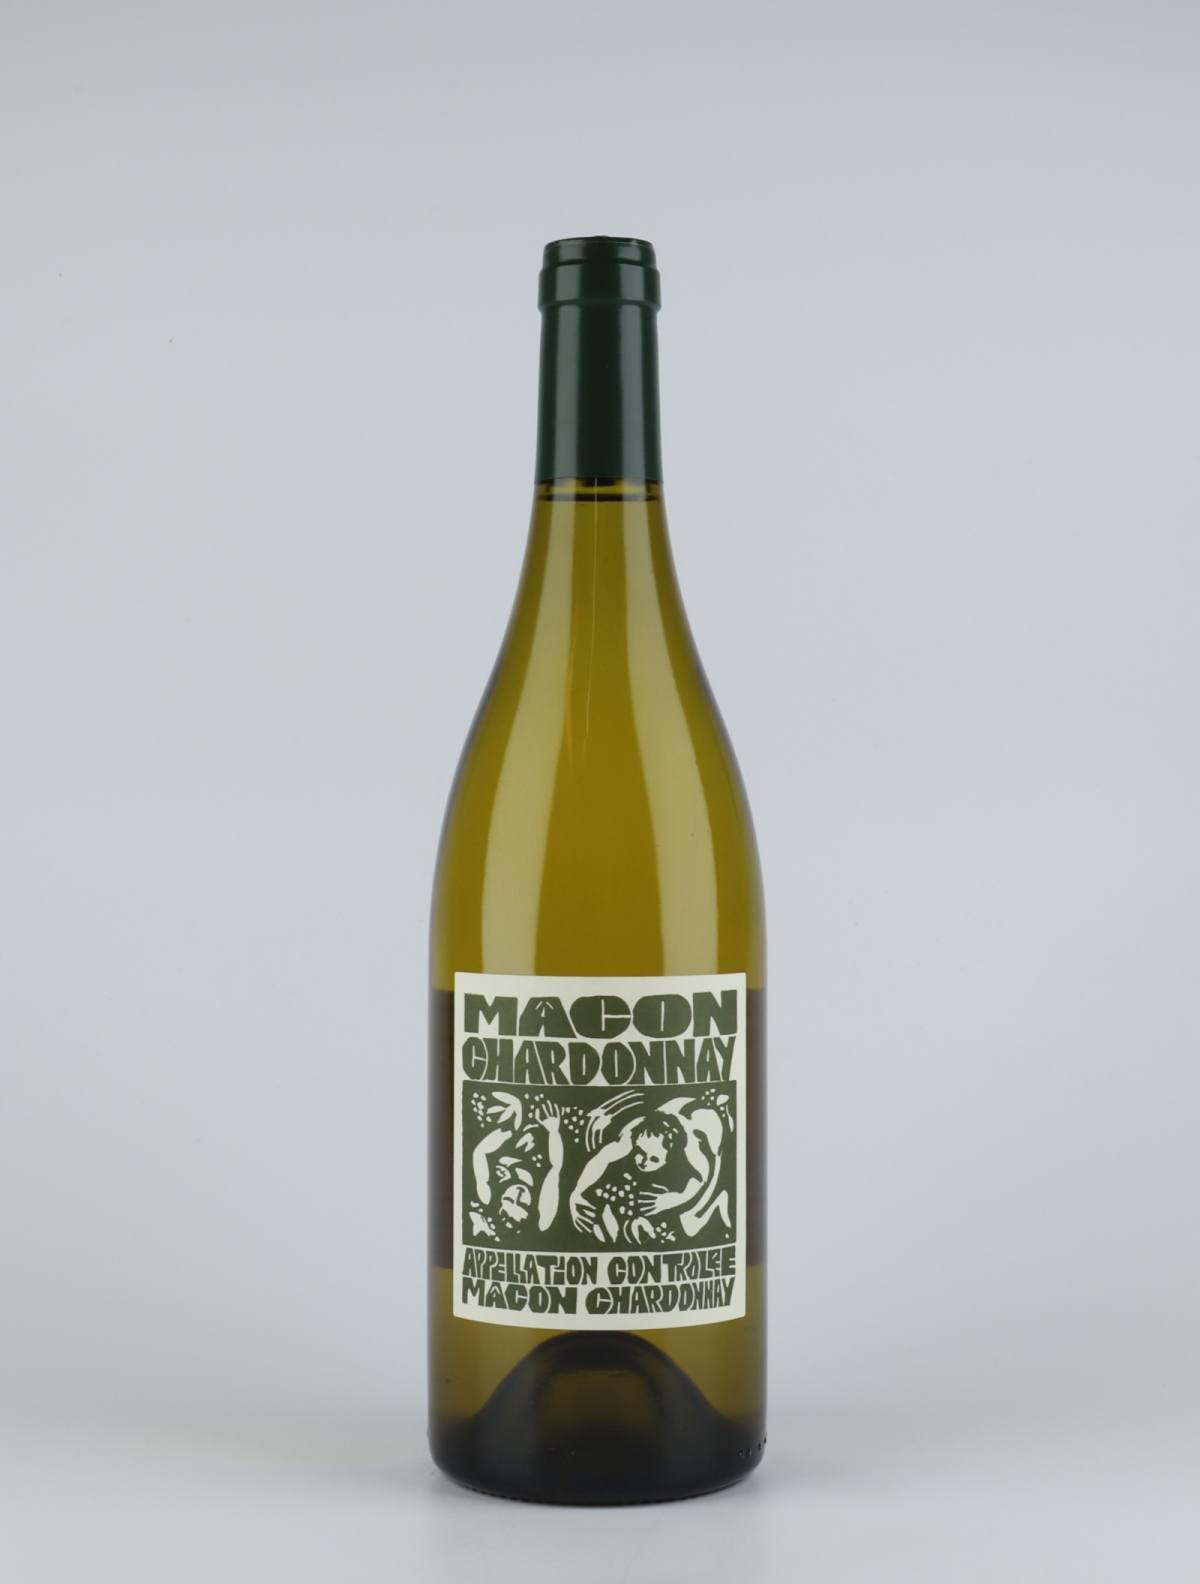 Mâcon Chardonnay